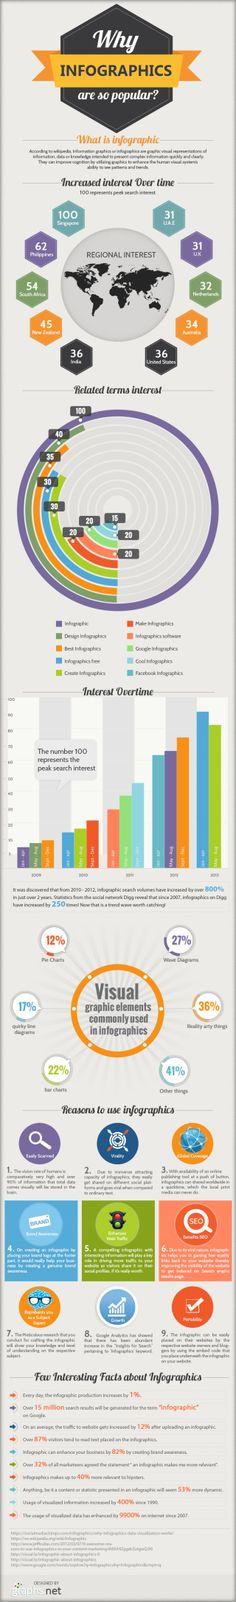 Een infographic over waarom infographics populair zijn (een meta-infographic dus…